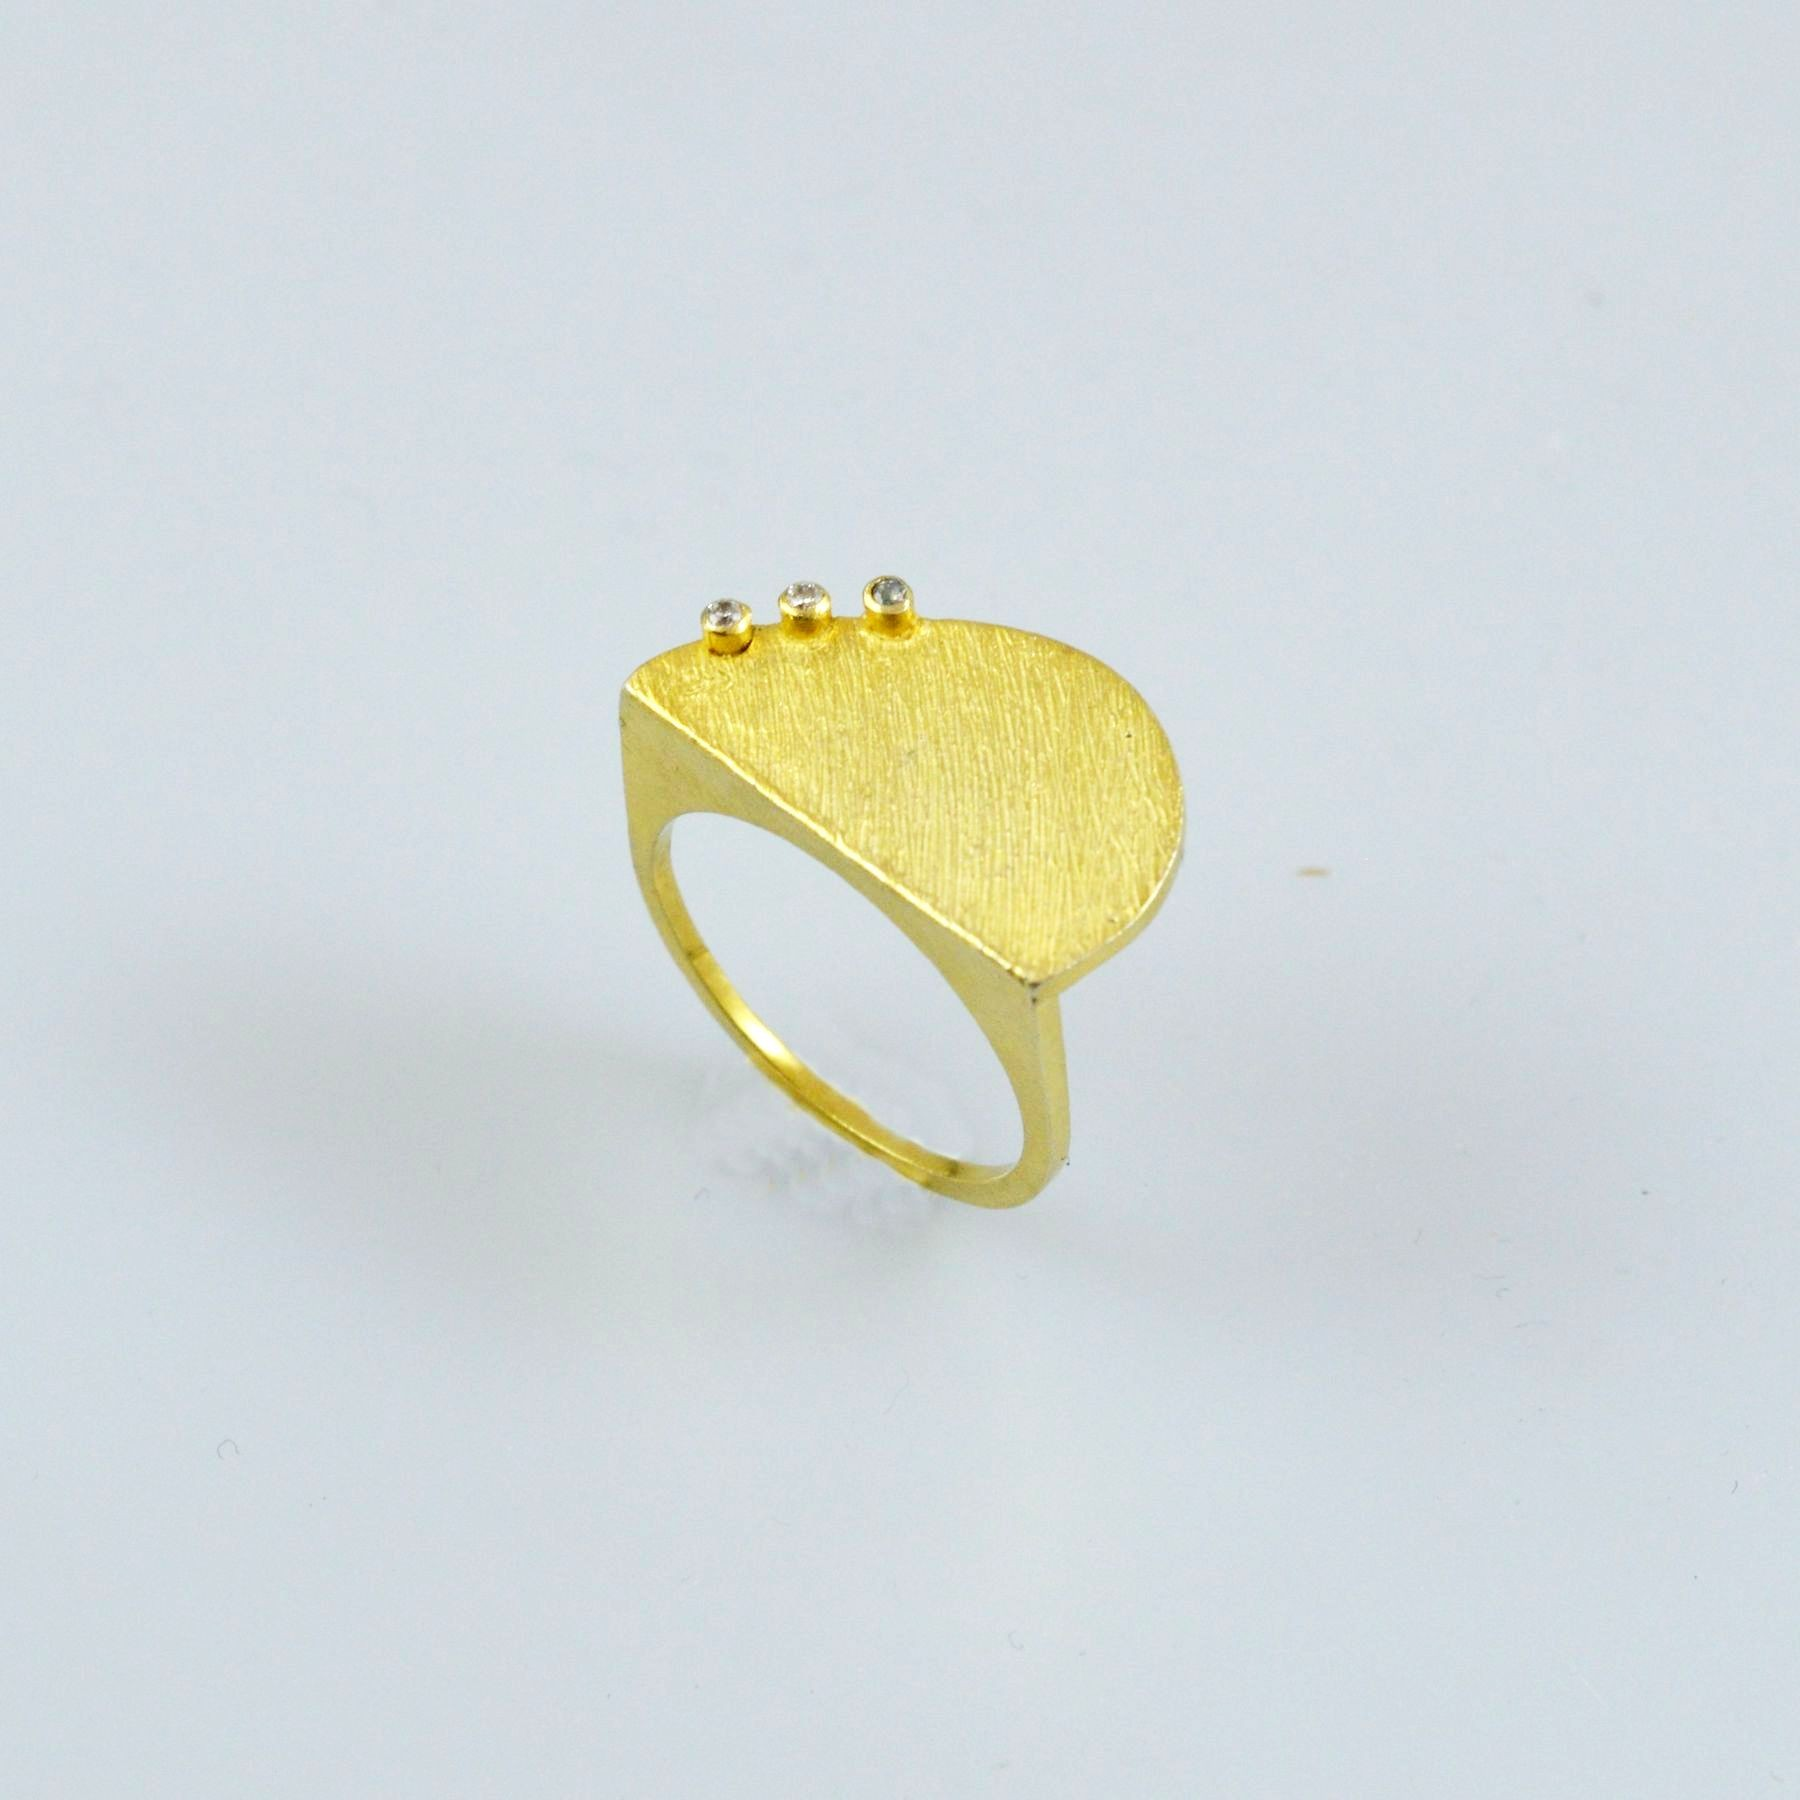 Χρυσό δαχτυλίδι 14Κ η' 18Κ με συνθετικές πέτρες η' διαμάντια